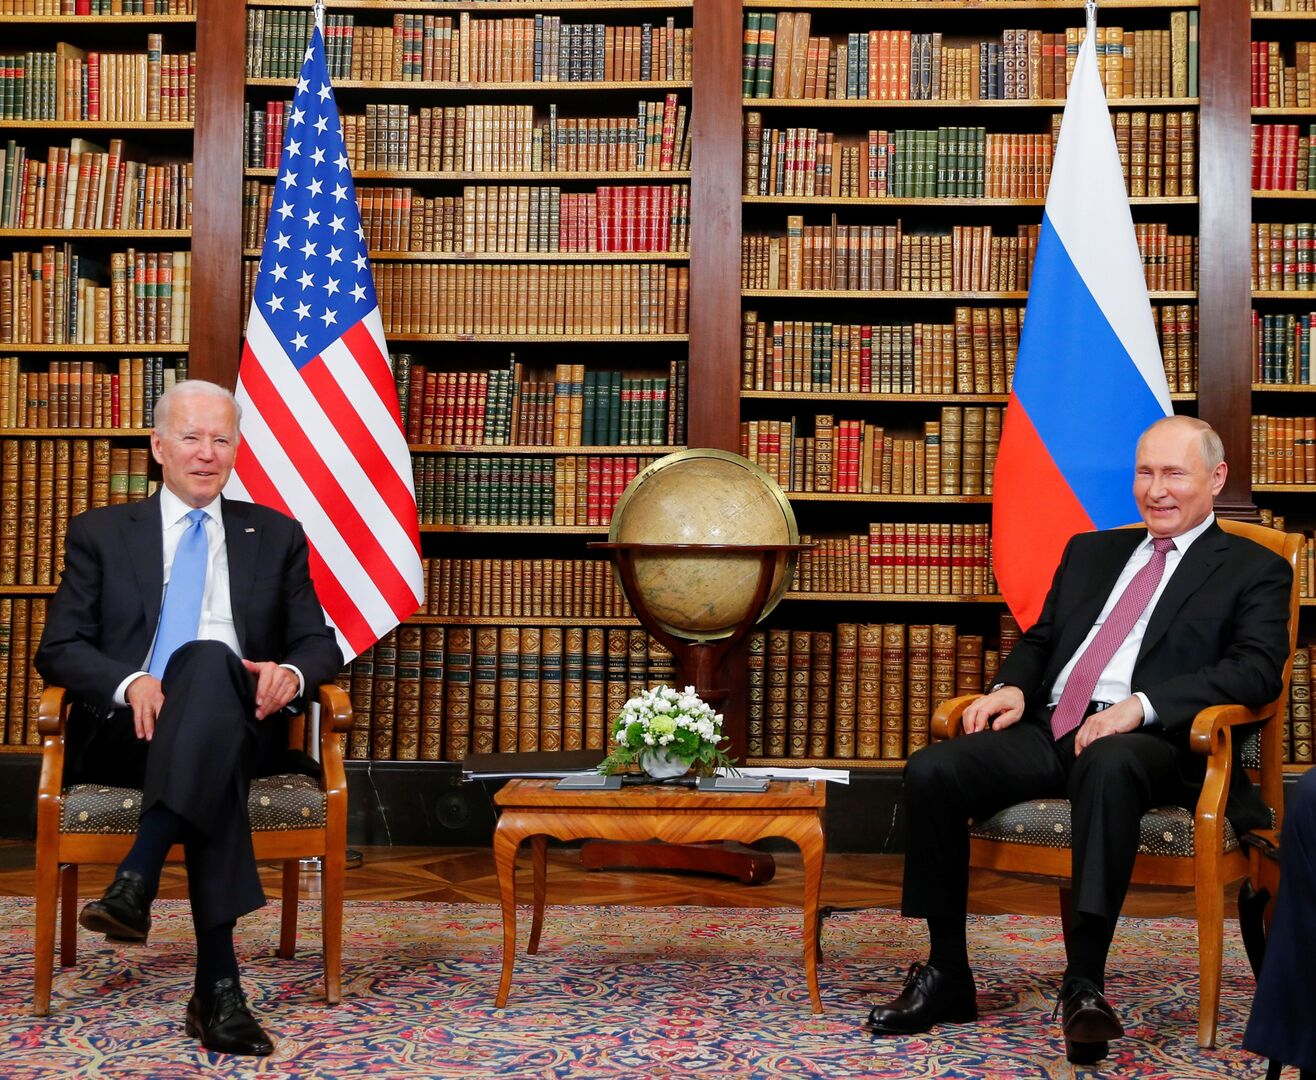 بوتين: اتفقنا مع بايدن على إعادة السفيرين الروسي والأمريكي لمكاني عملهما